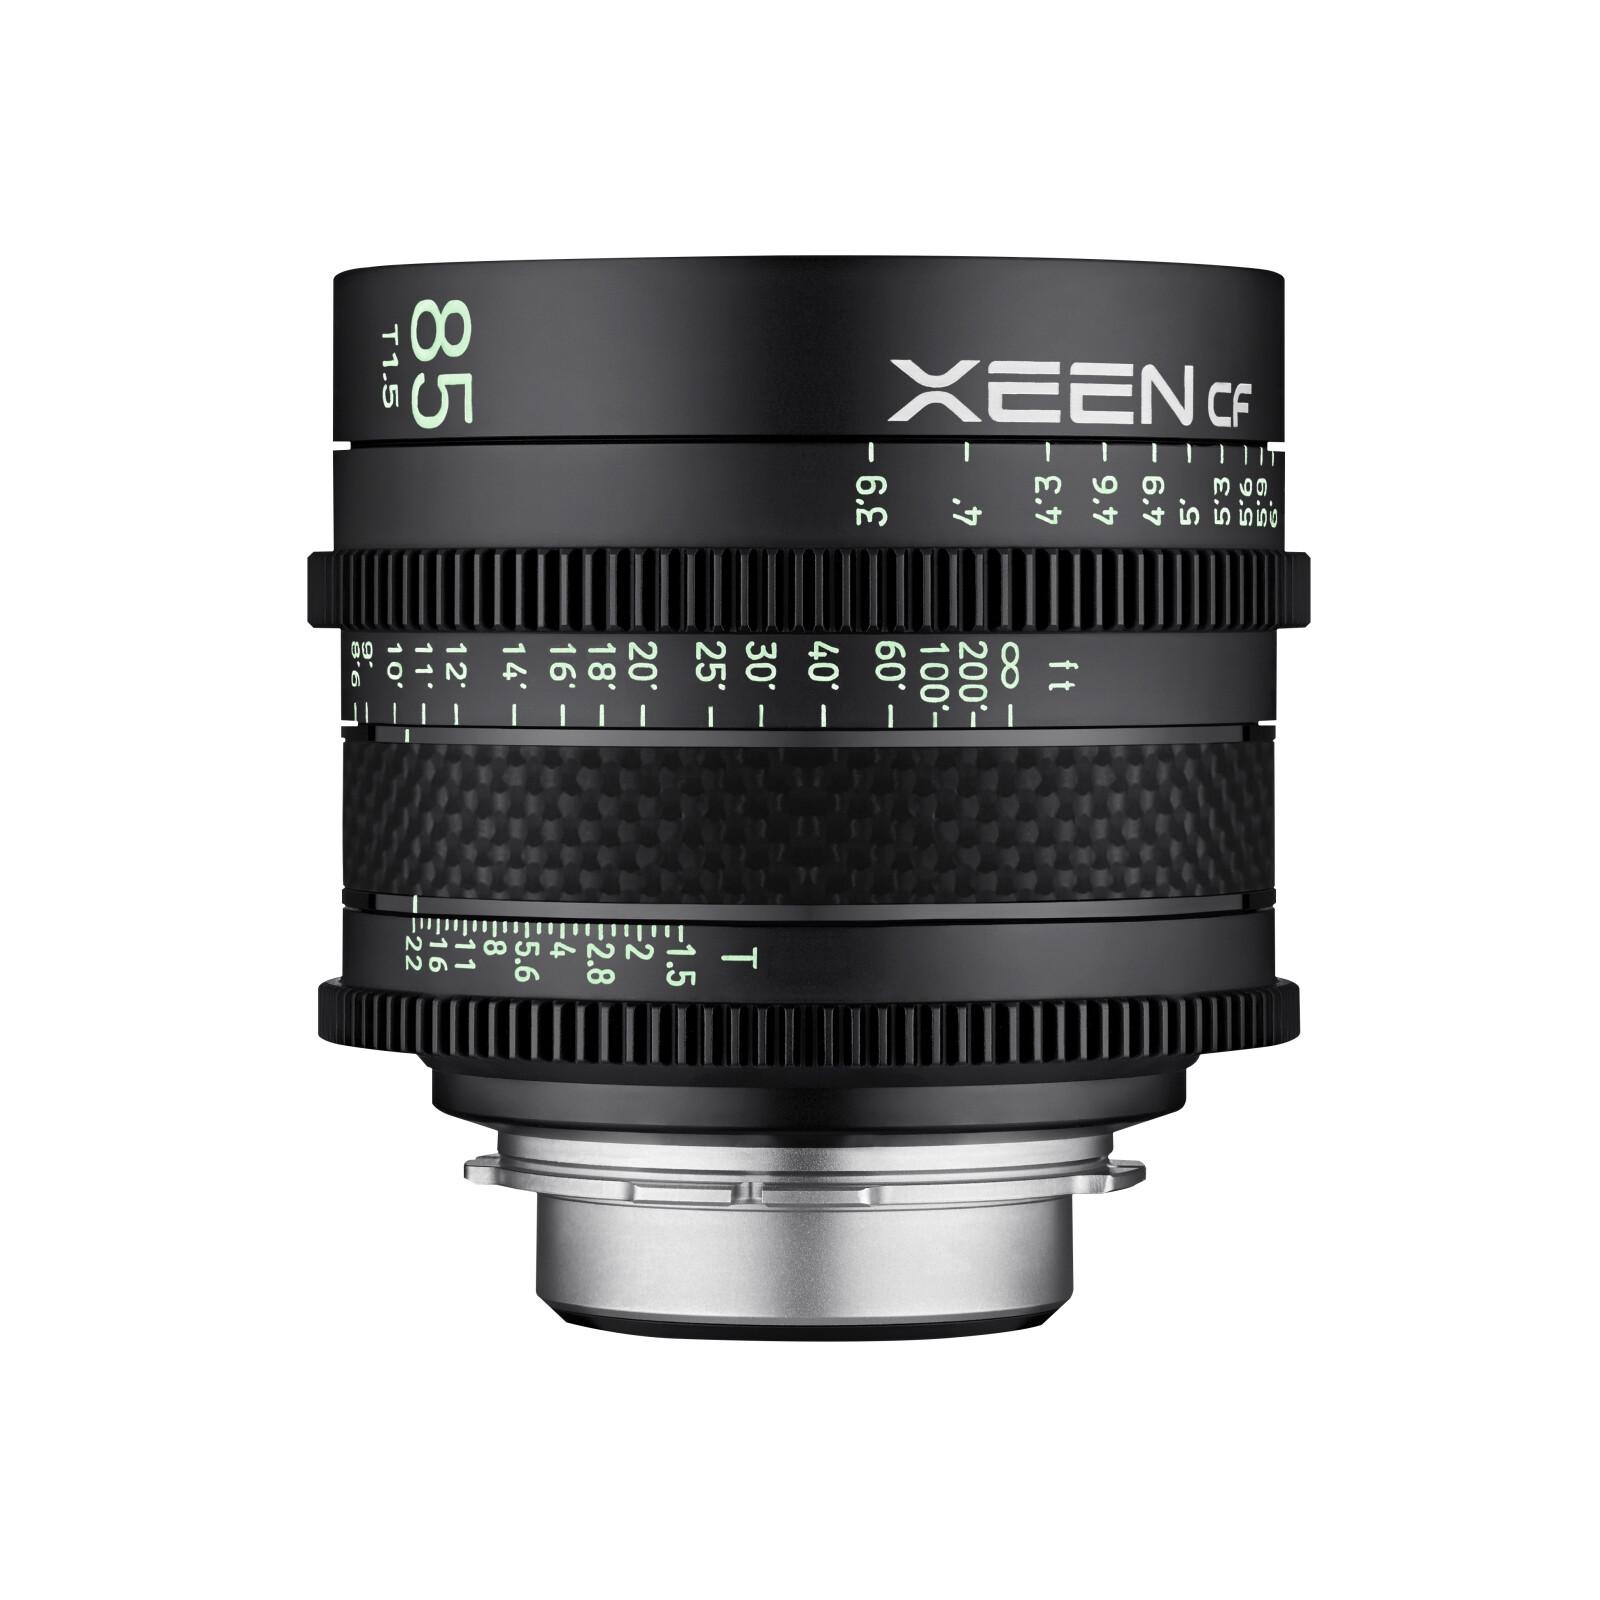 XEEN CF Cinema 85/1,5 PL Vollformat